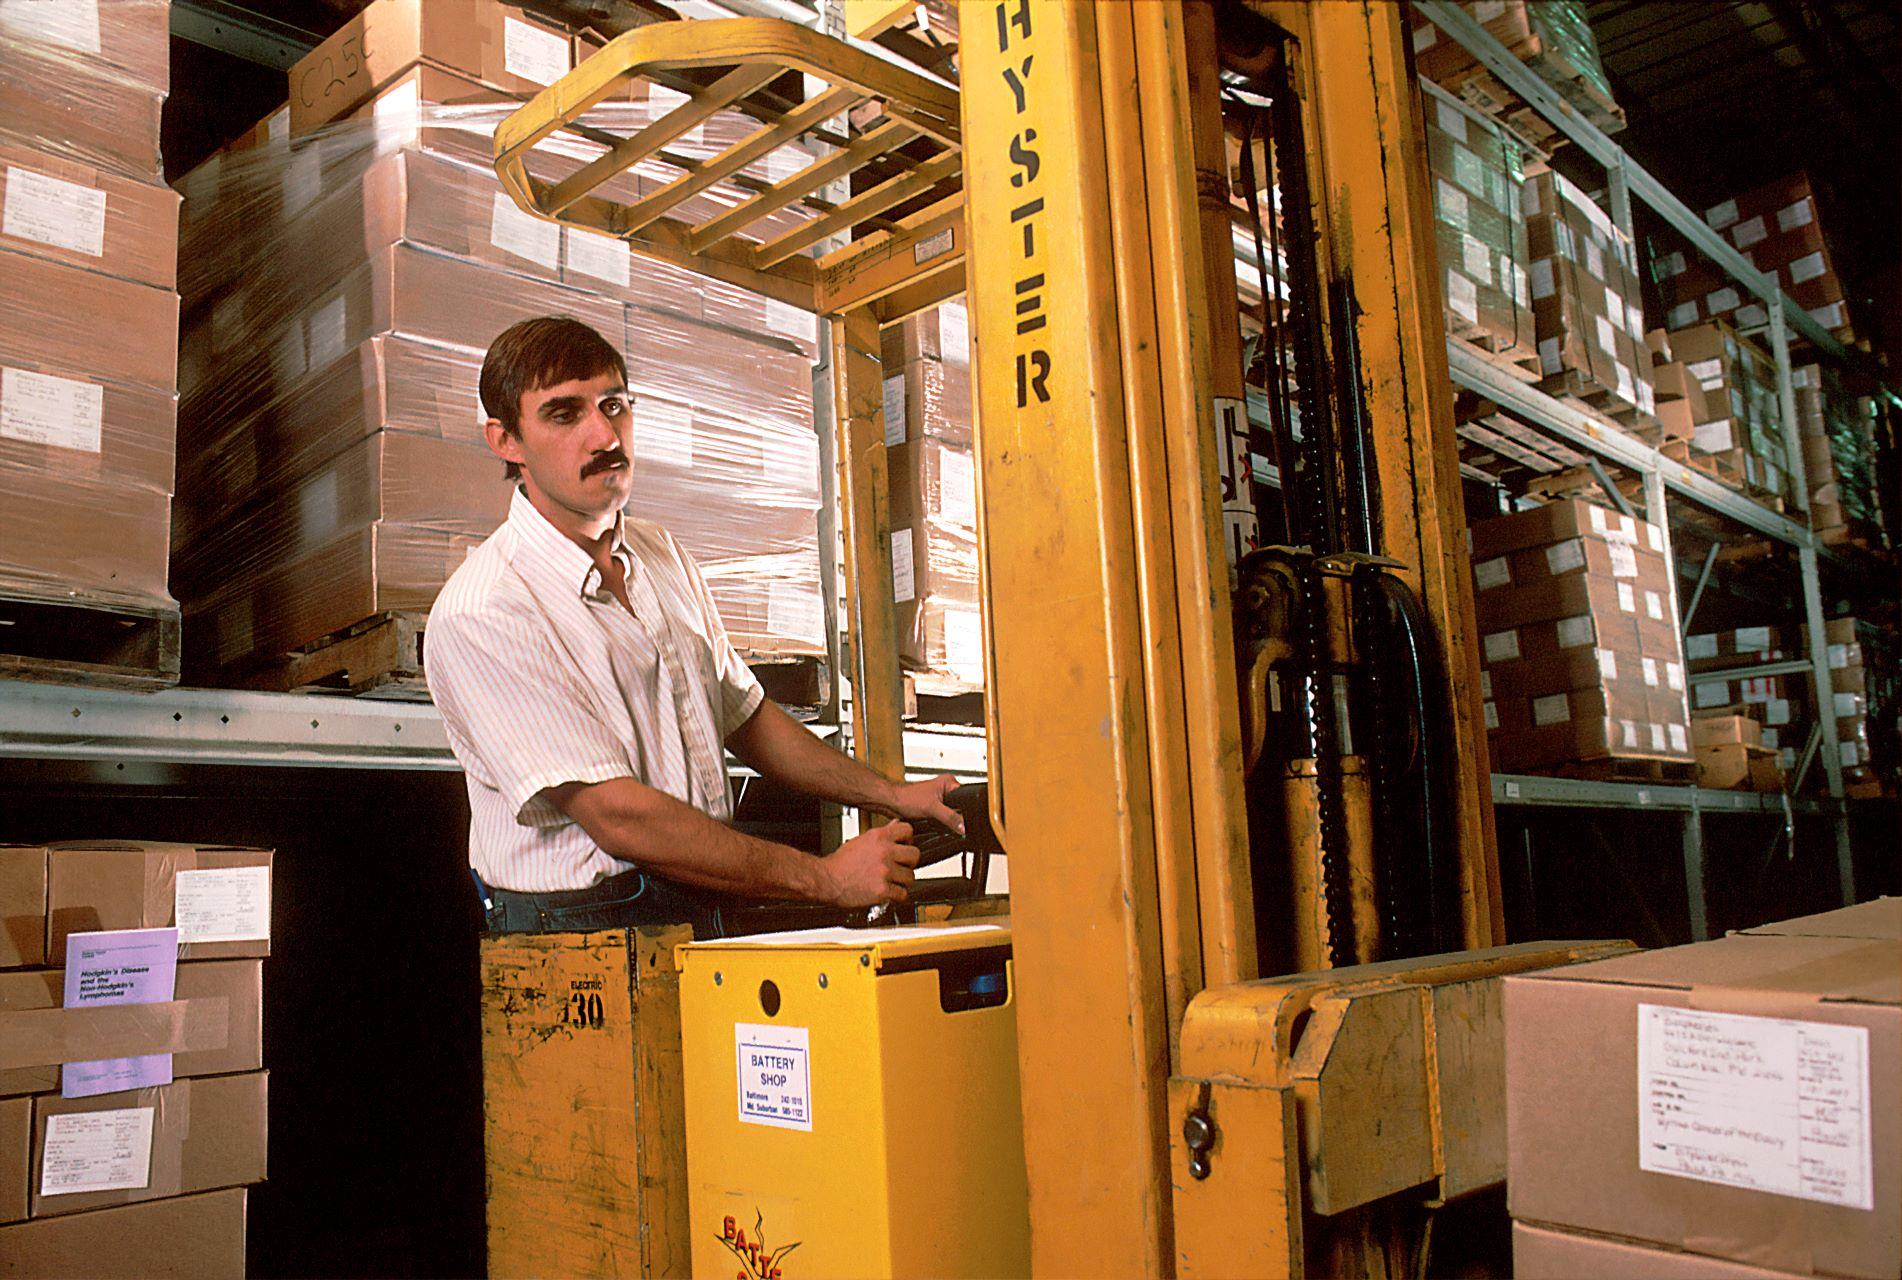 倉庫営業(Warehousing) - ビジネスモデル体系